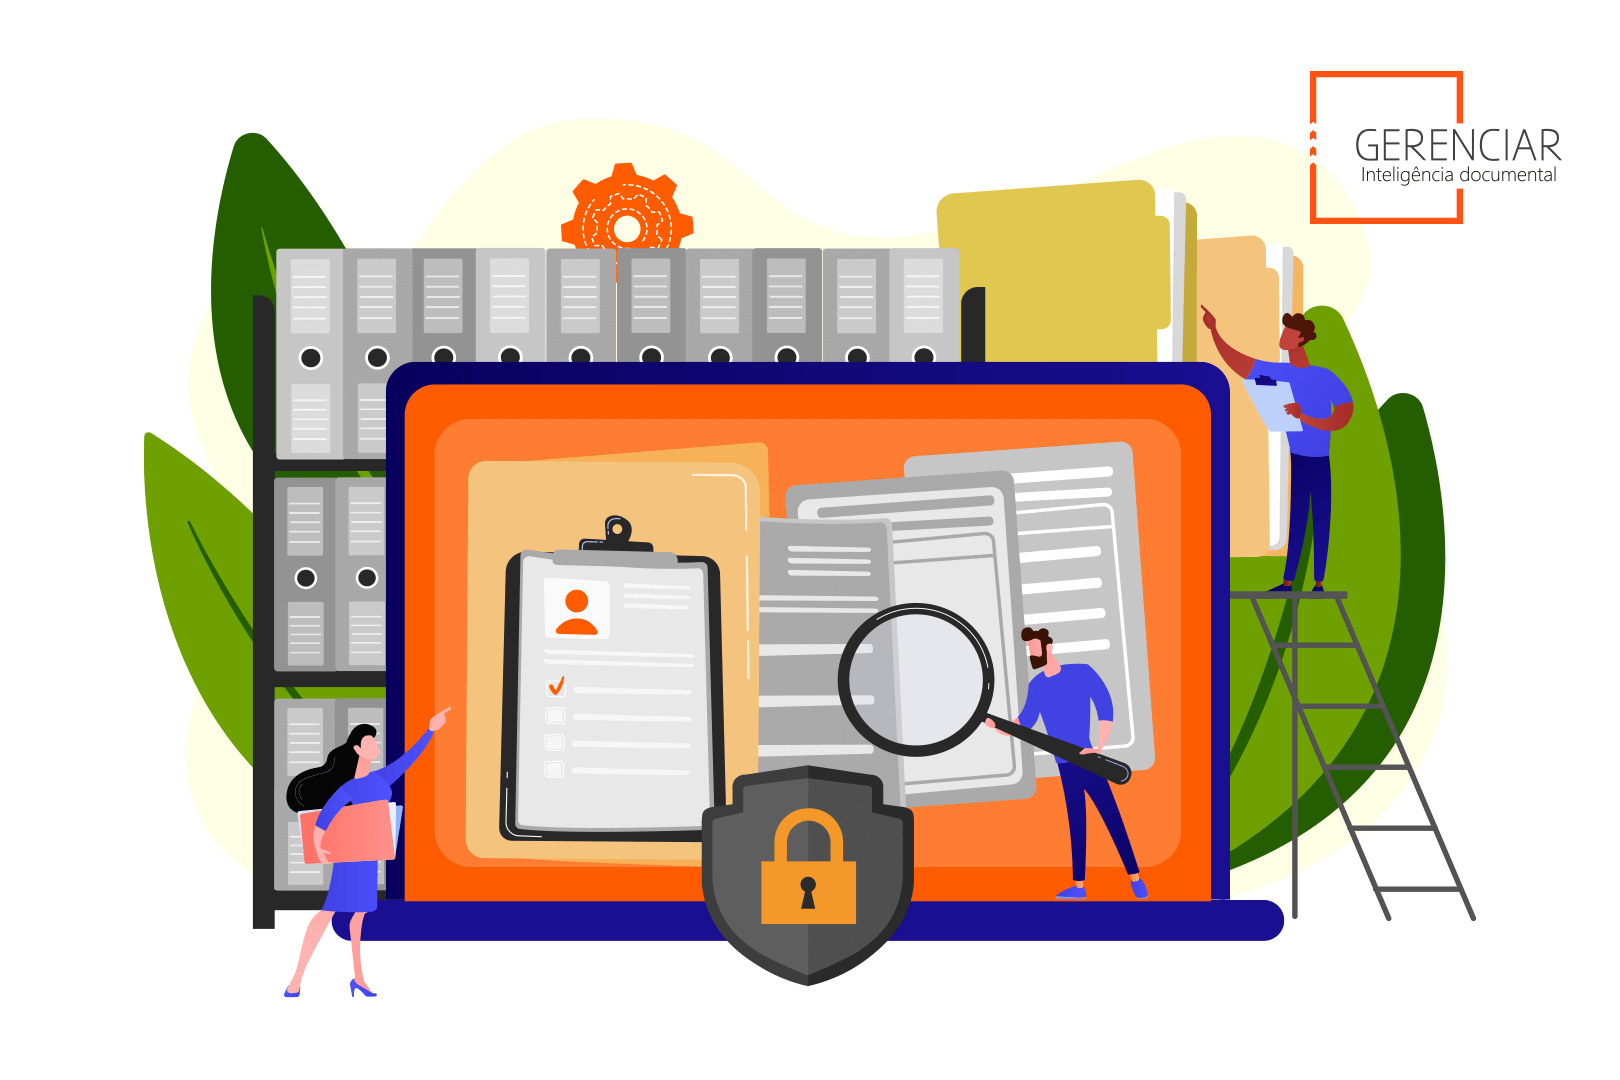 Segurança dos documentos: dicas para proteger as informações da sua empresa